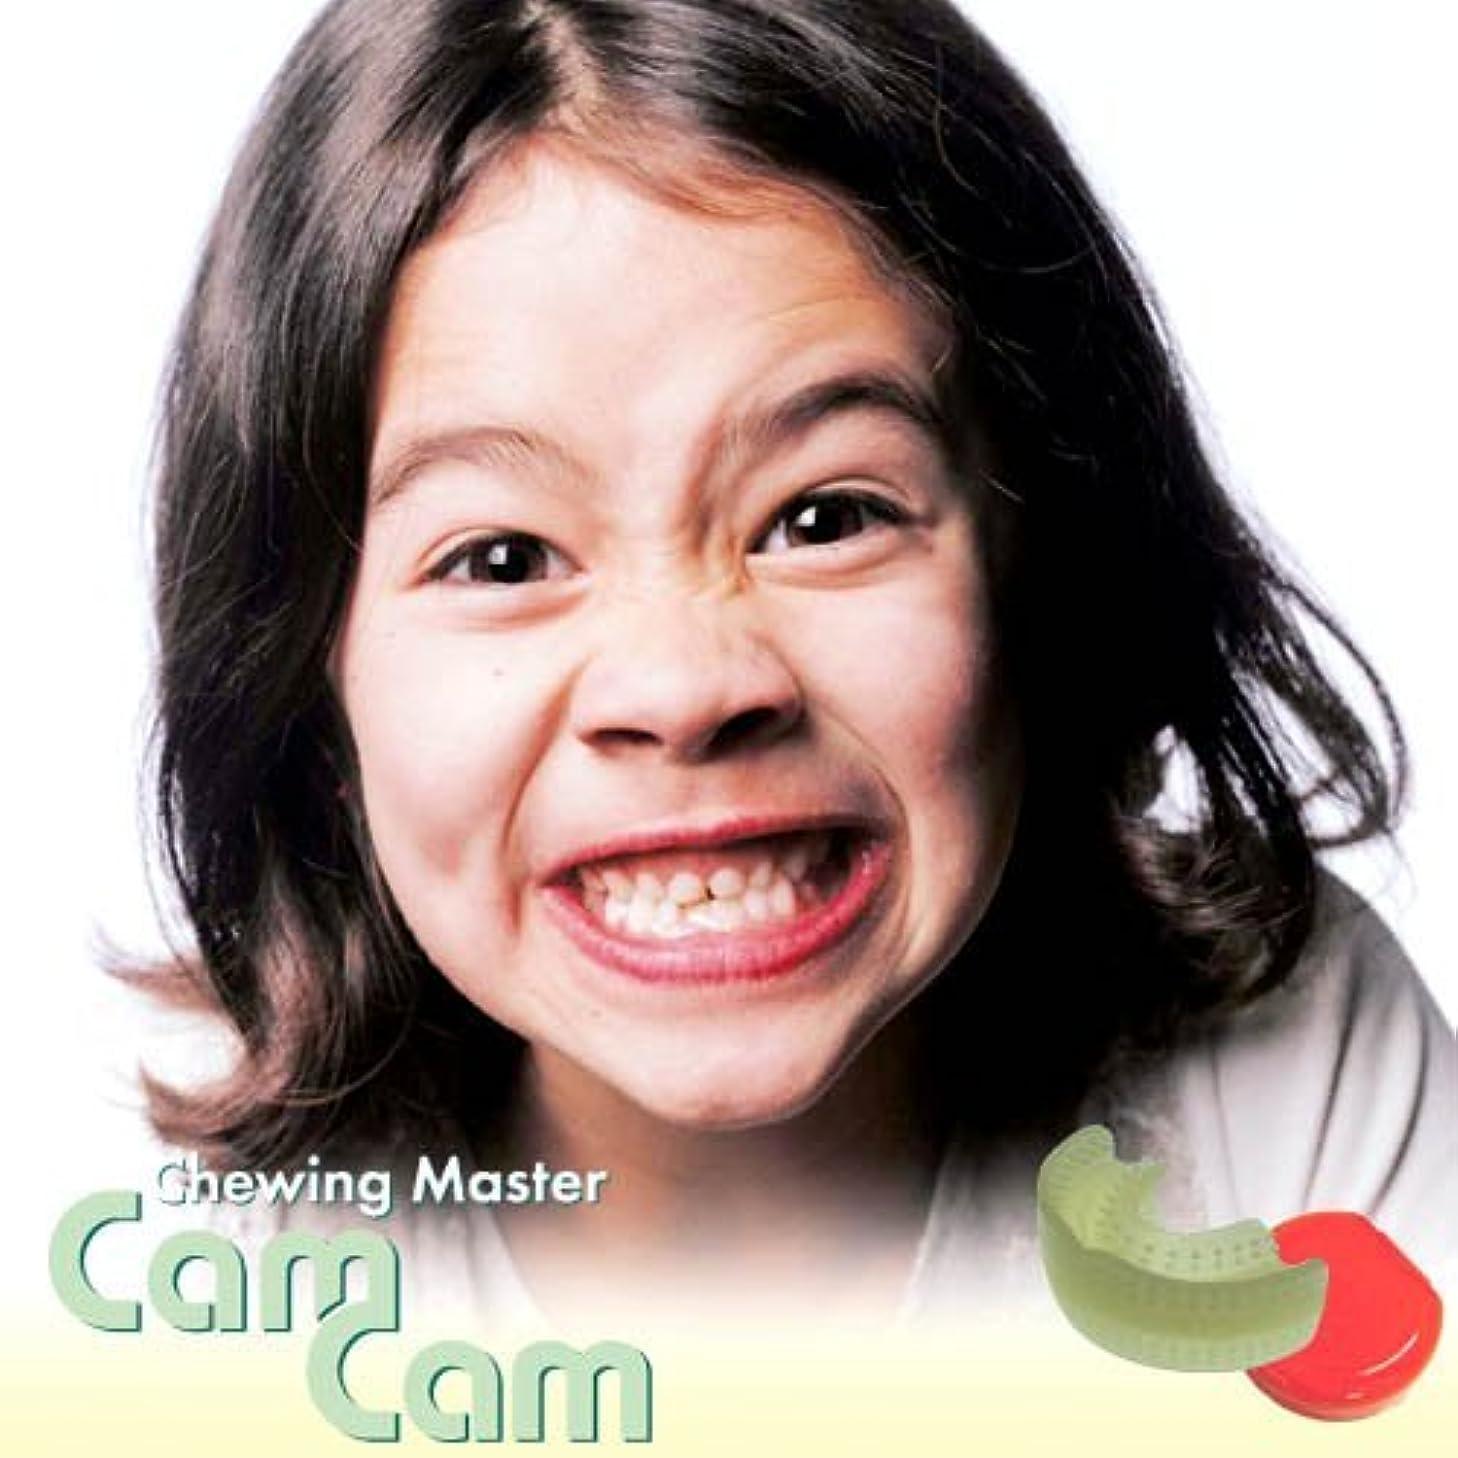 キャリッジであるカバー歯科医師開発 口腔筋機能トレーニングマウスピース【CamCam ST】カムカム (オレンジ) 乳歯列期から混合歯列期用